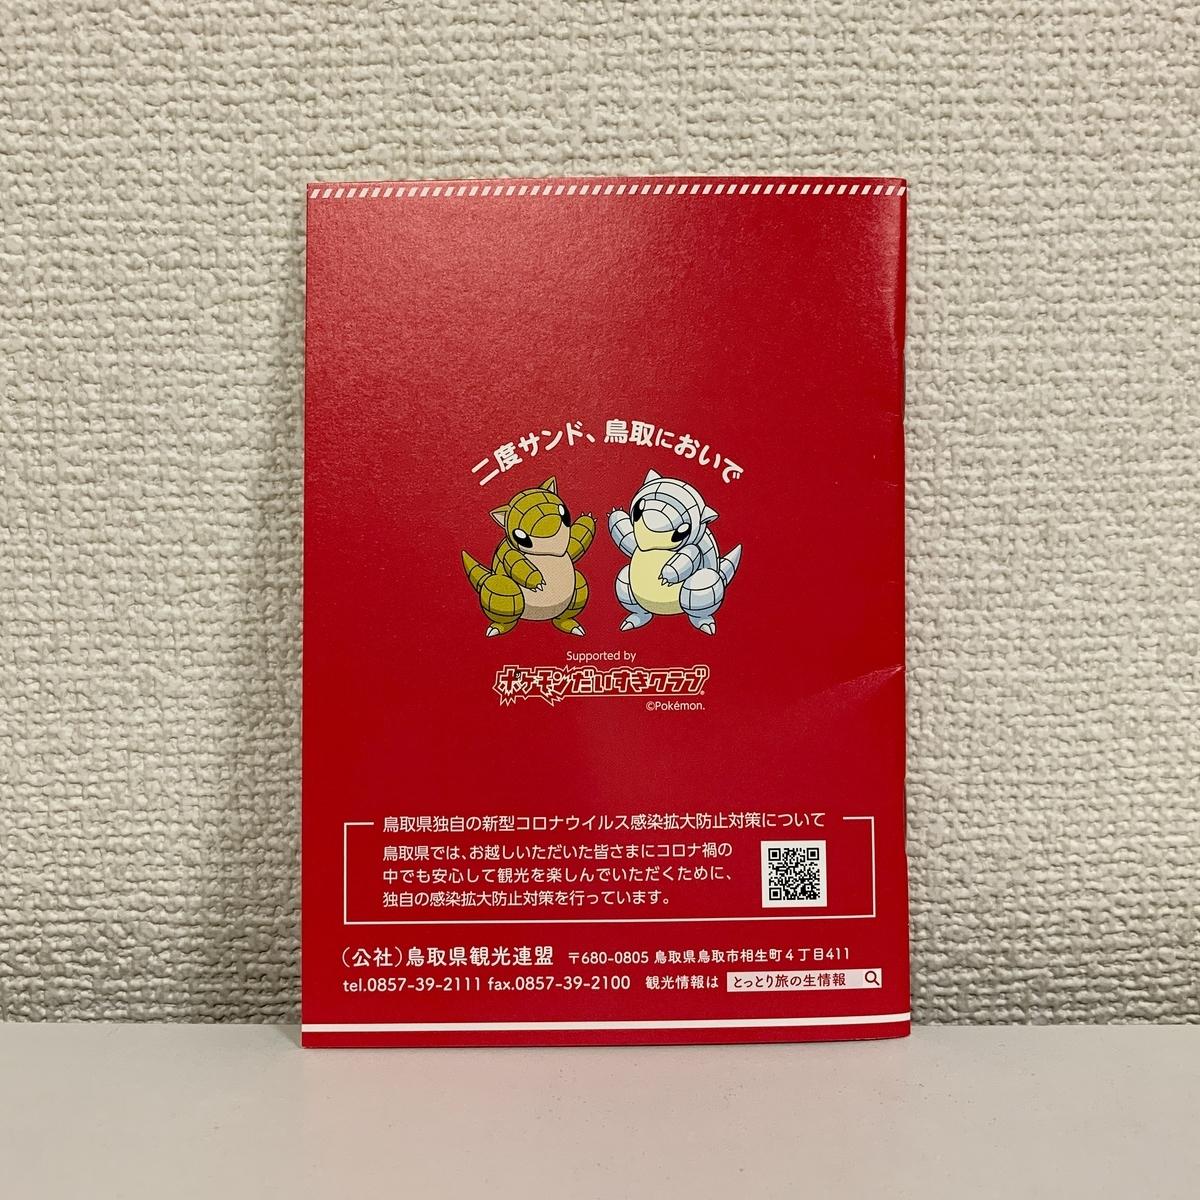 f:id:pikachu_pcn:20201003180128j:plain